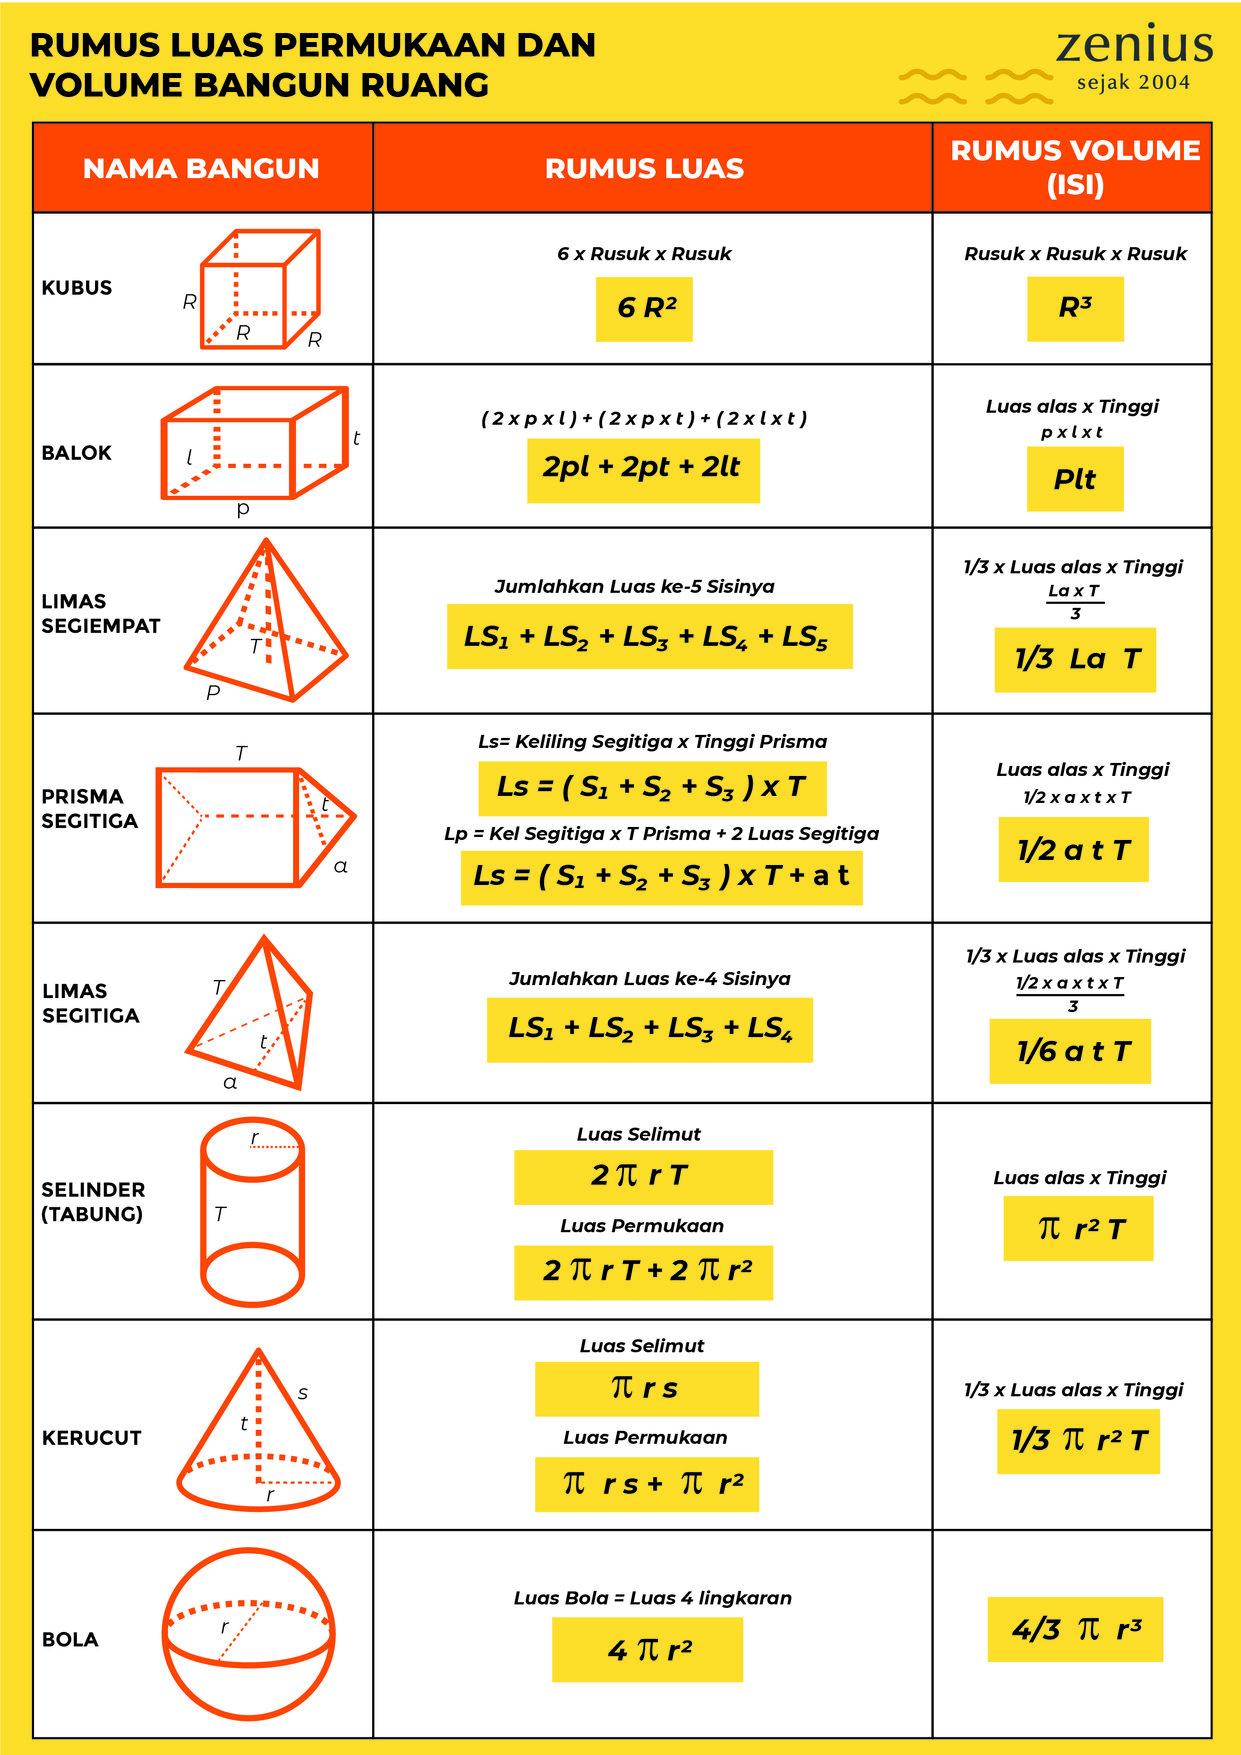 Kumpulan Rumus Matematika Lengkap dengan Keterangannya ...